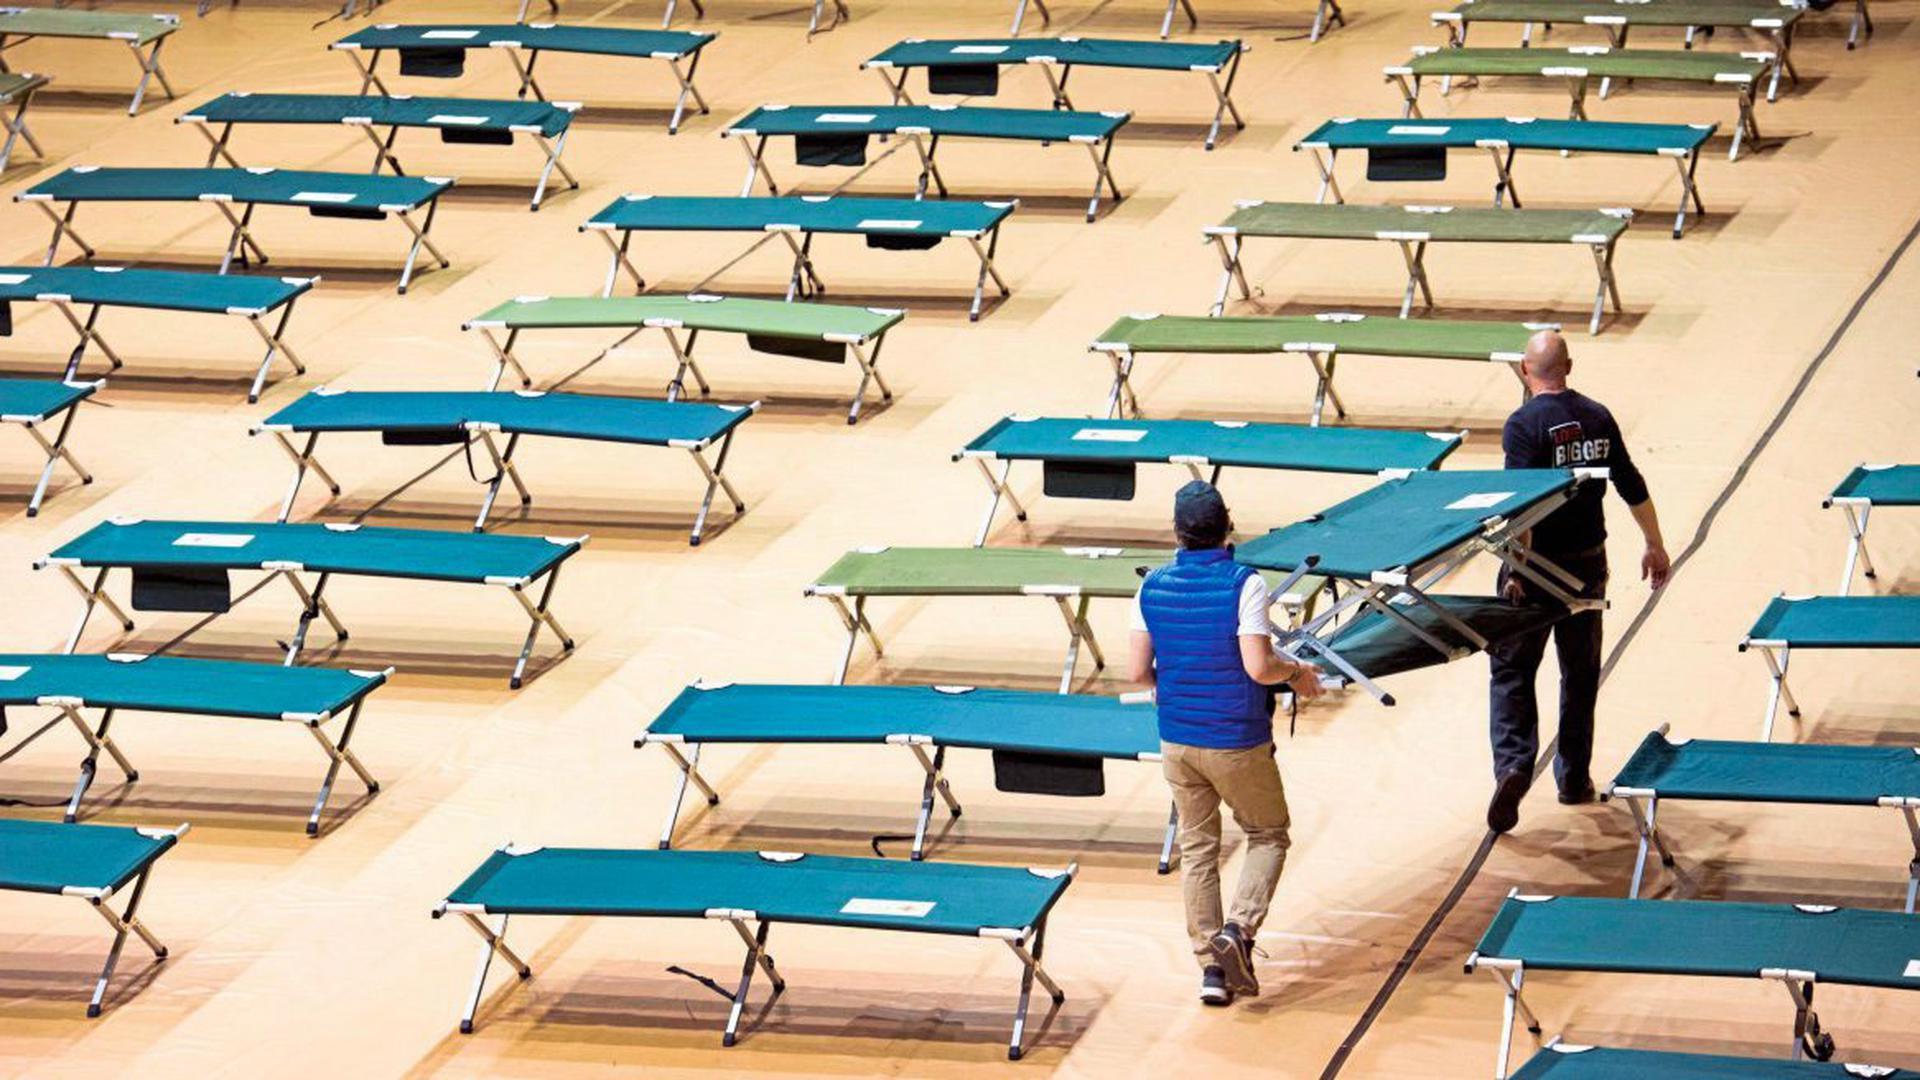 In Colorado Springs in den USA werden Feldbetten aufgebaut. In manchen Ländern übernachtet Klinikpersonal wegen der Corona-Pandemie im Krankenhaus.